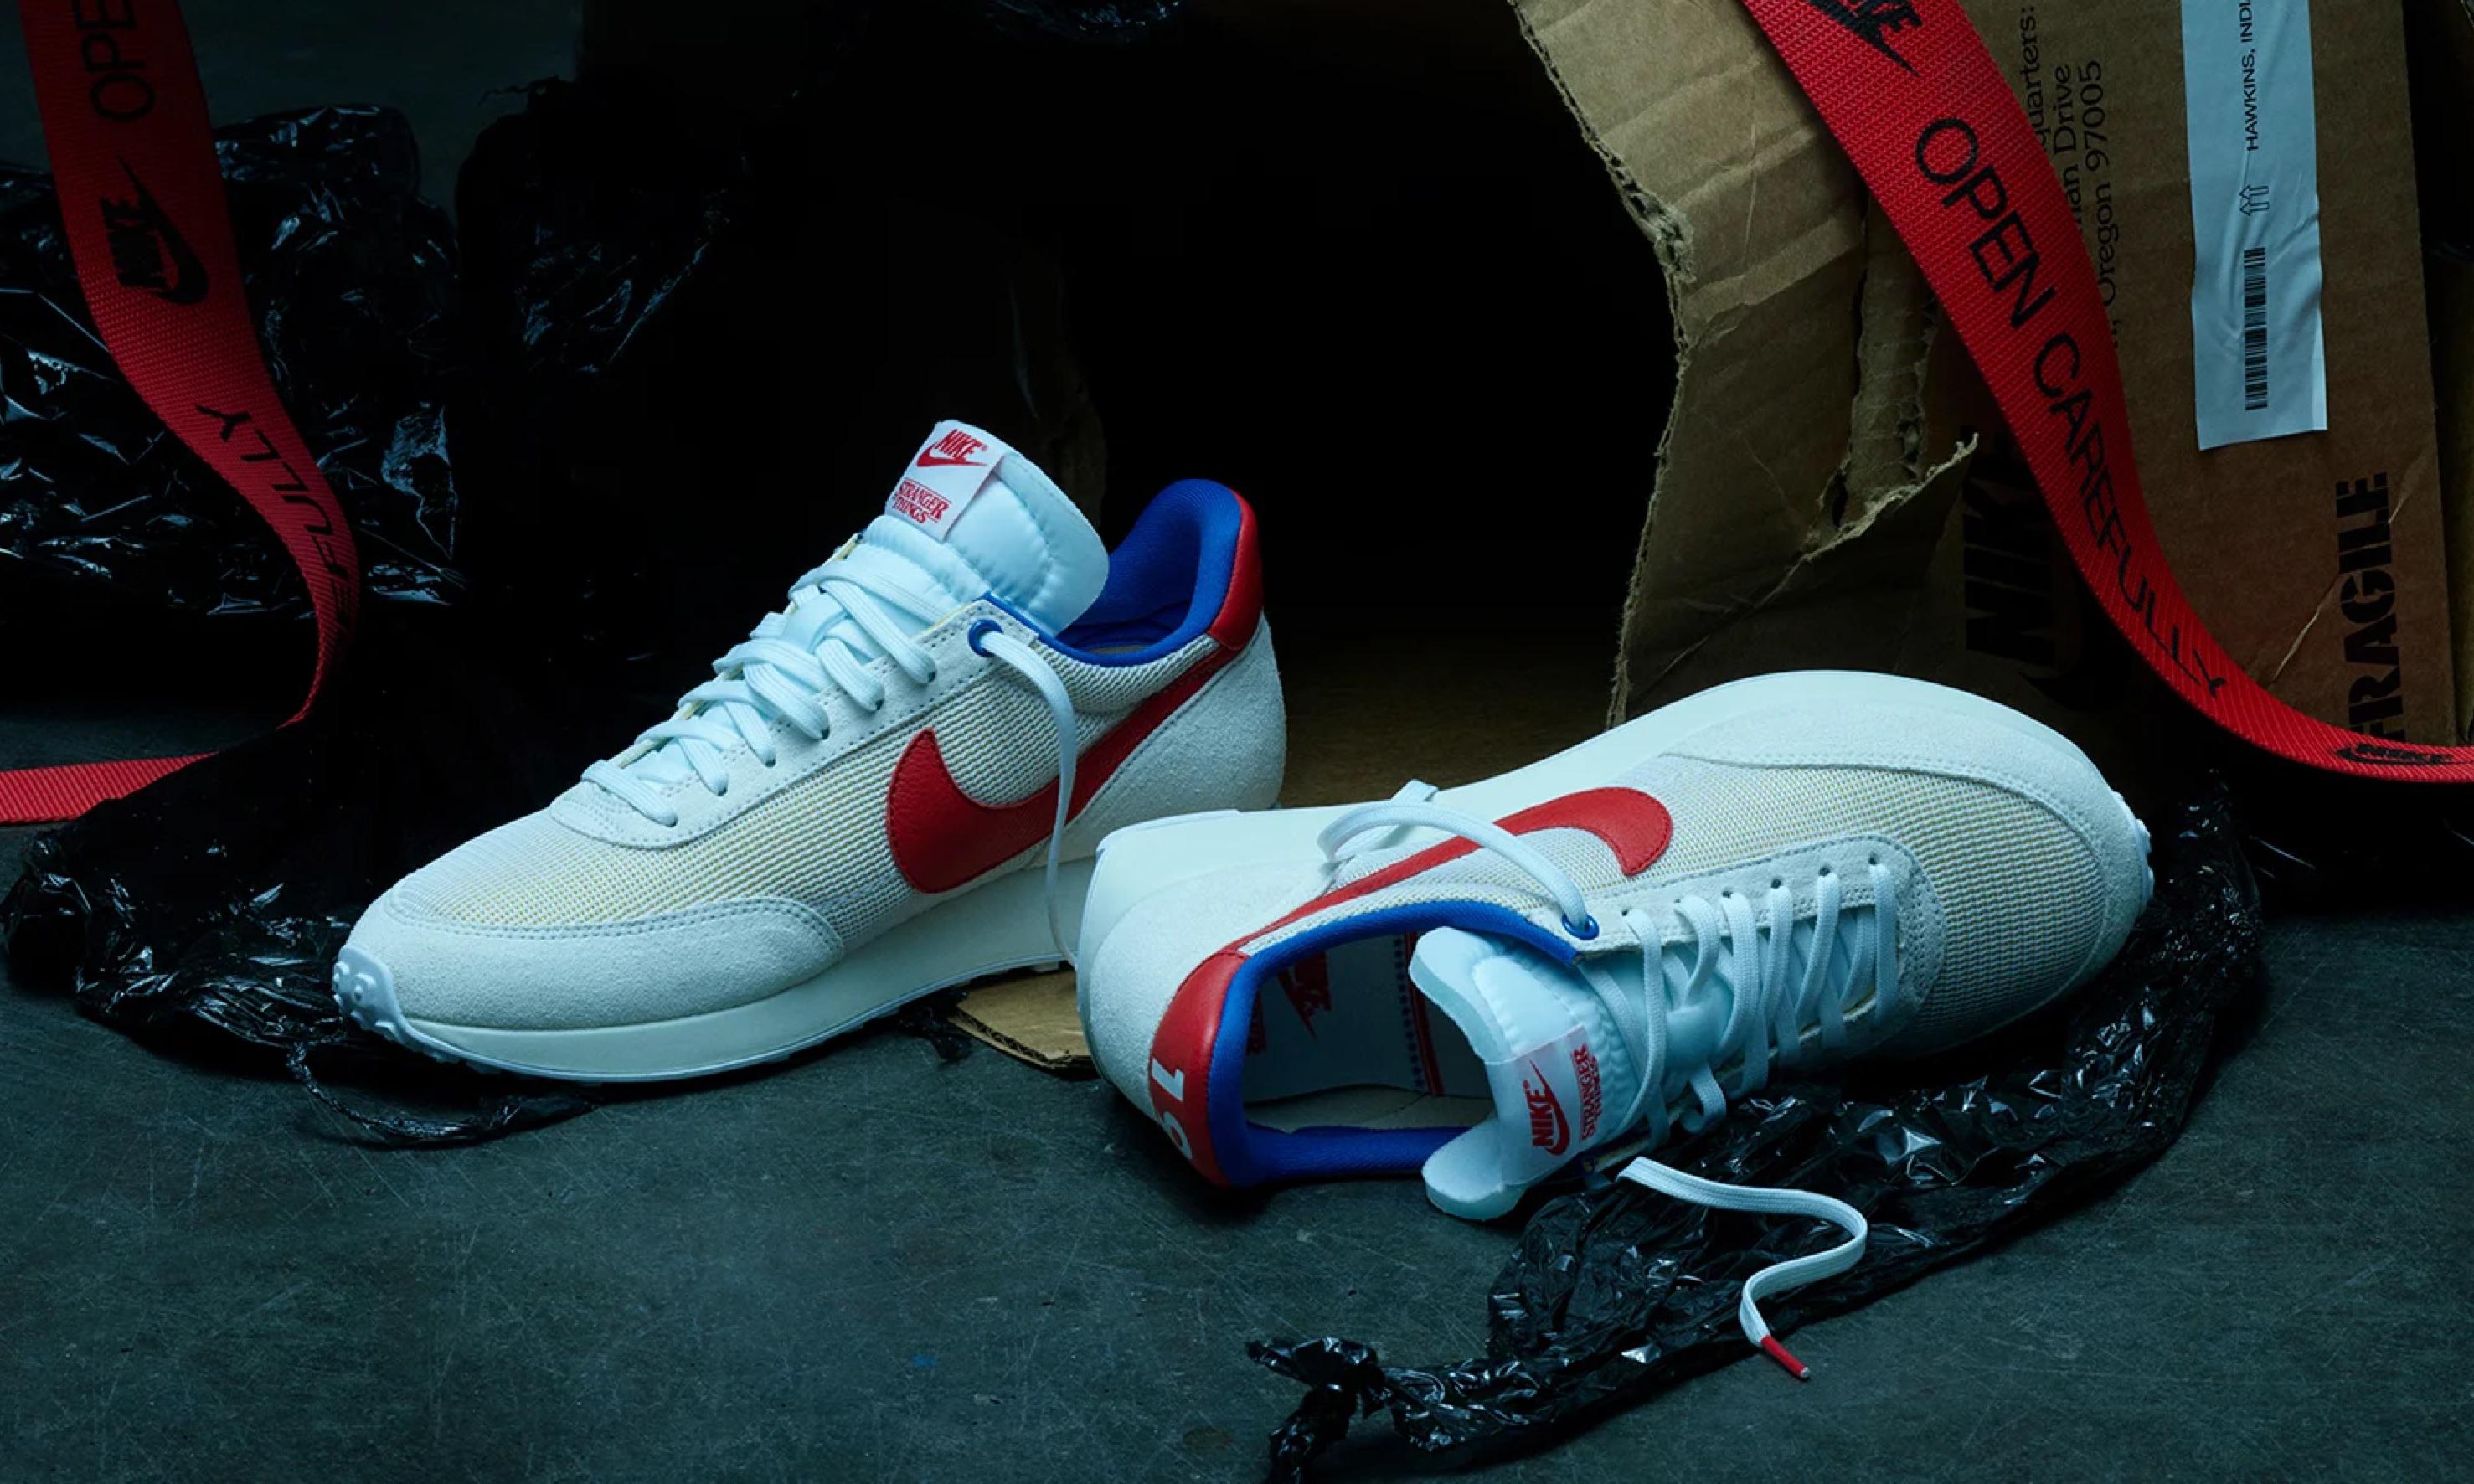 《怪奇物语》x Nike 联名鞋款第二辑登陆国区 SNKRS